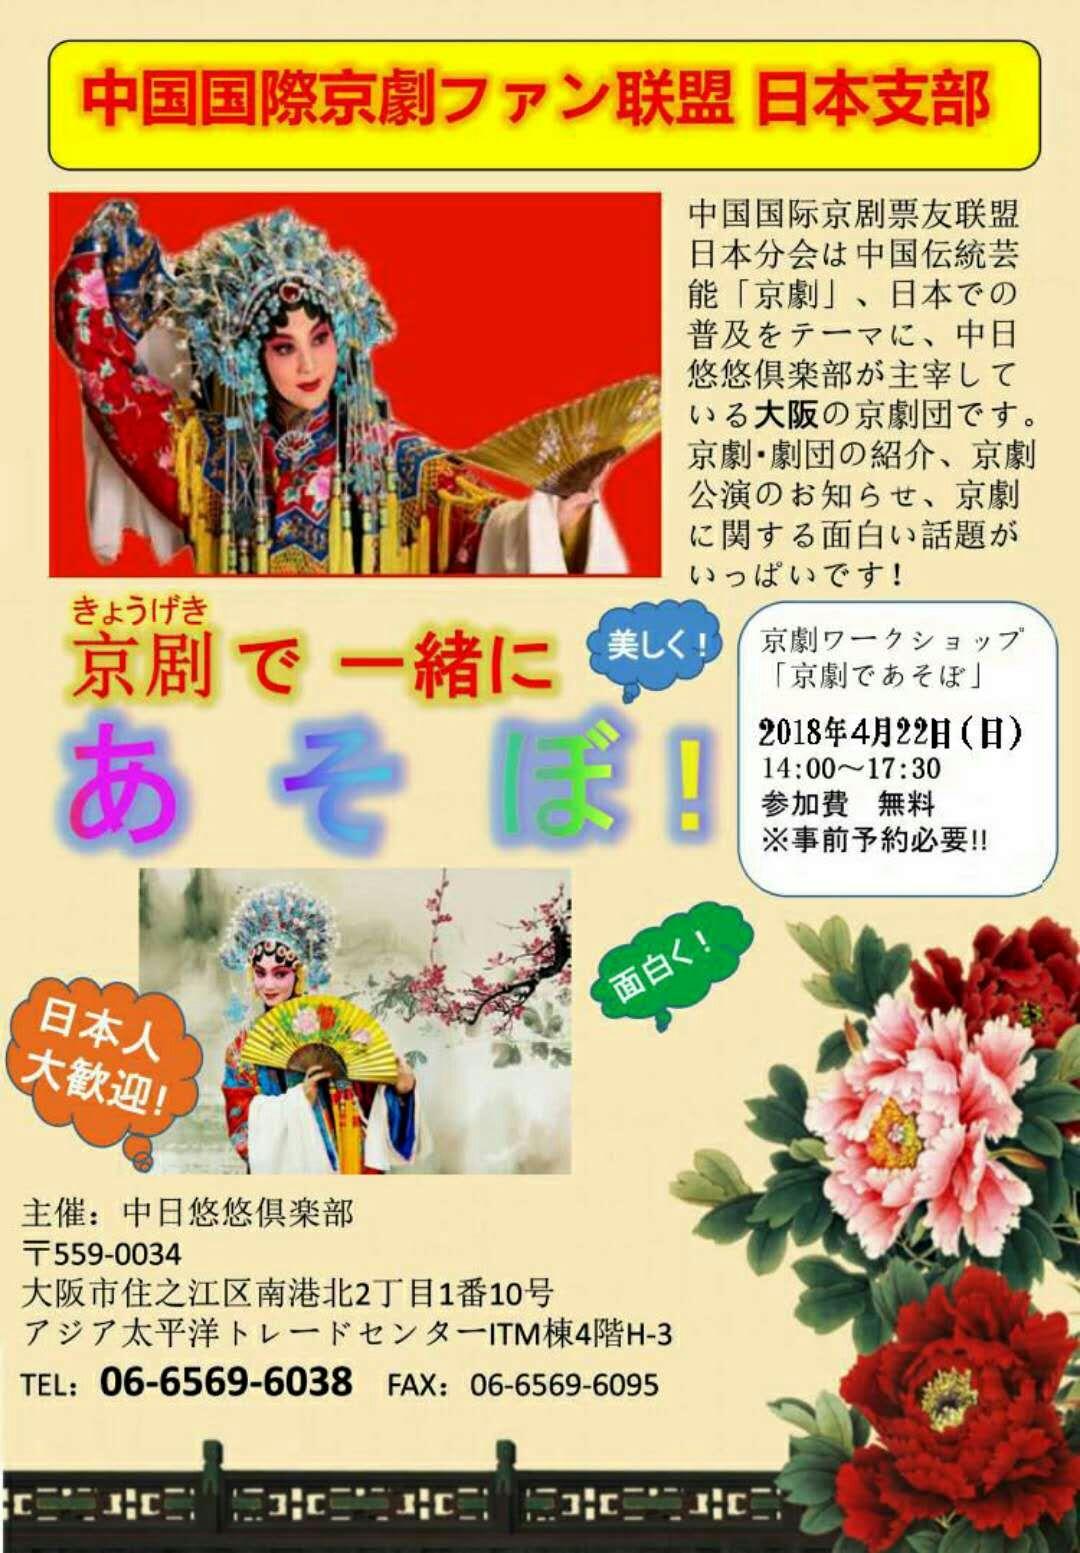 中国国際京劇連盟日本支部2018年4月活动のお知らせ